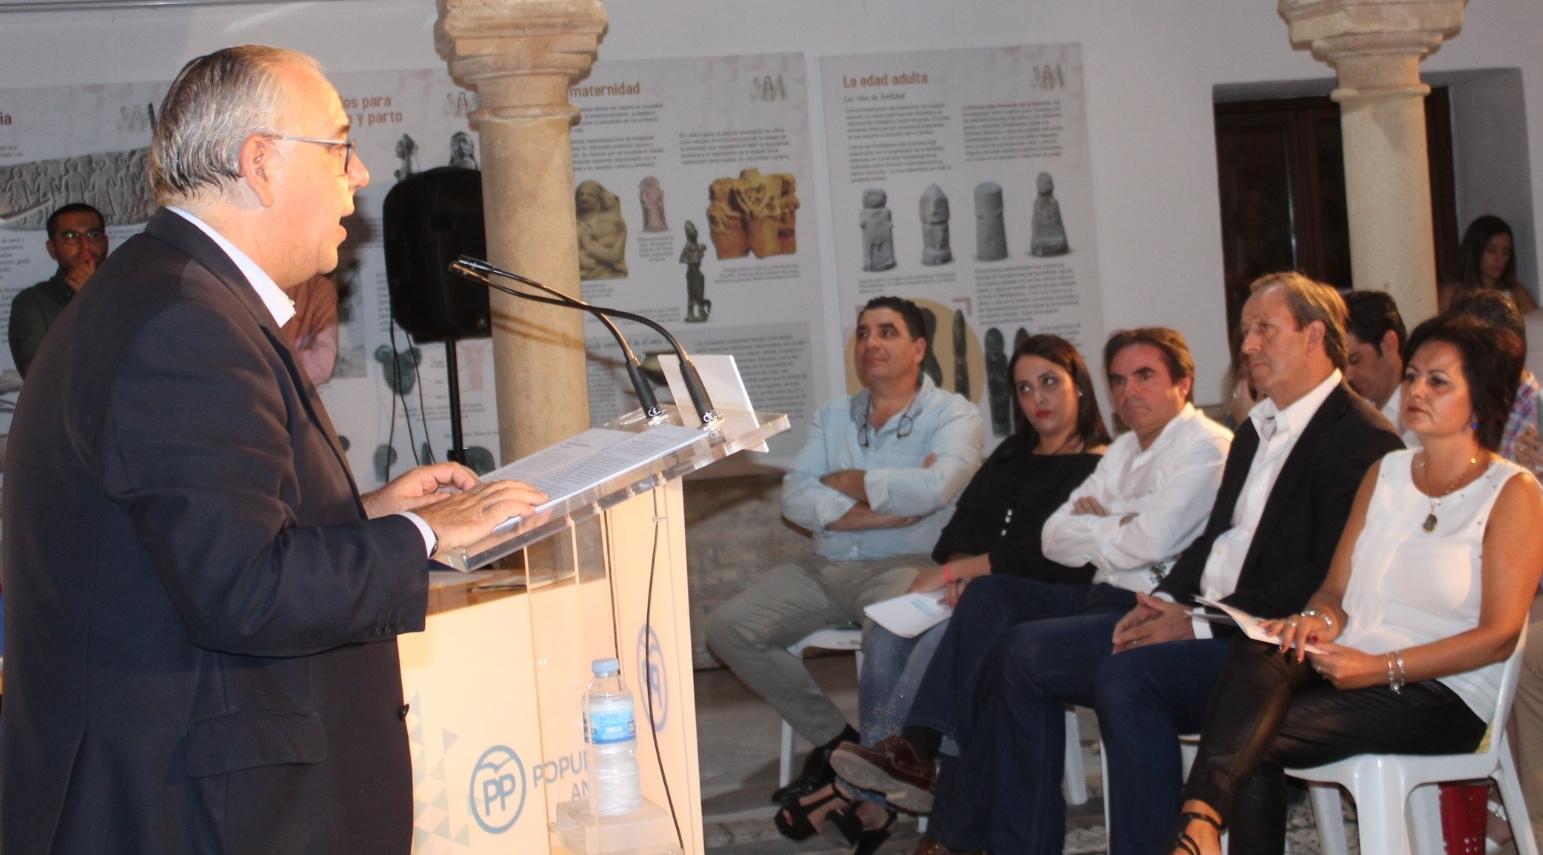 Jesús Estrella revalida la presidencia local del PP con el apoyo unánime de los asistentes al Congreso